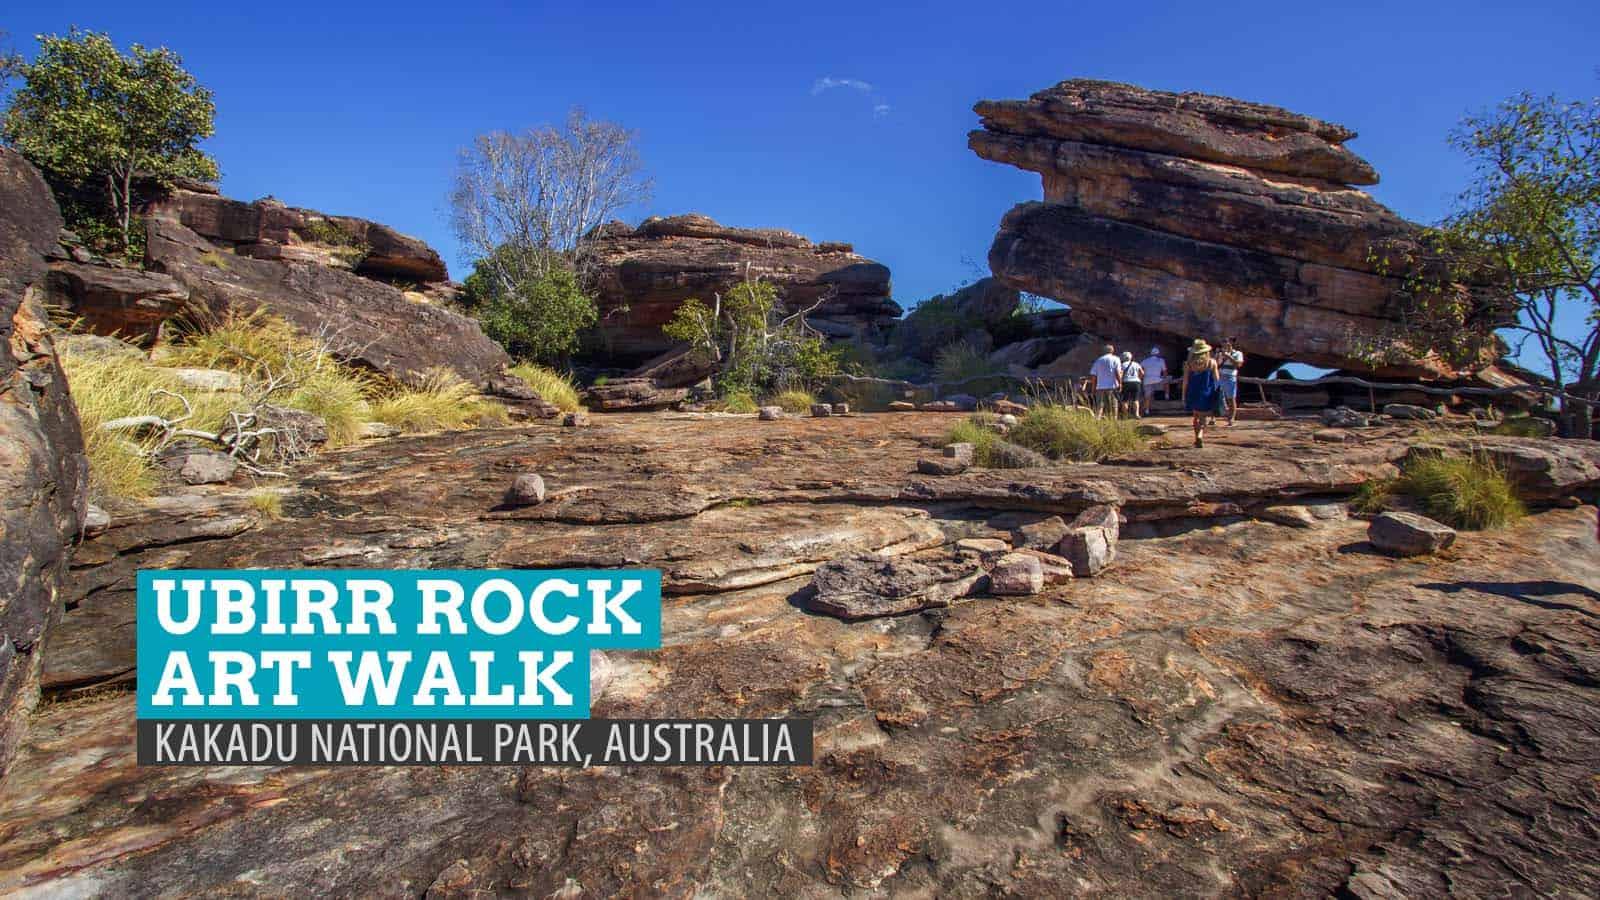 澳大利亚卡卡杜国家公园的Ubirr岩石艺术之旅 | 穷游者的行程博客